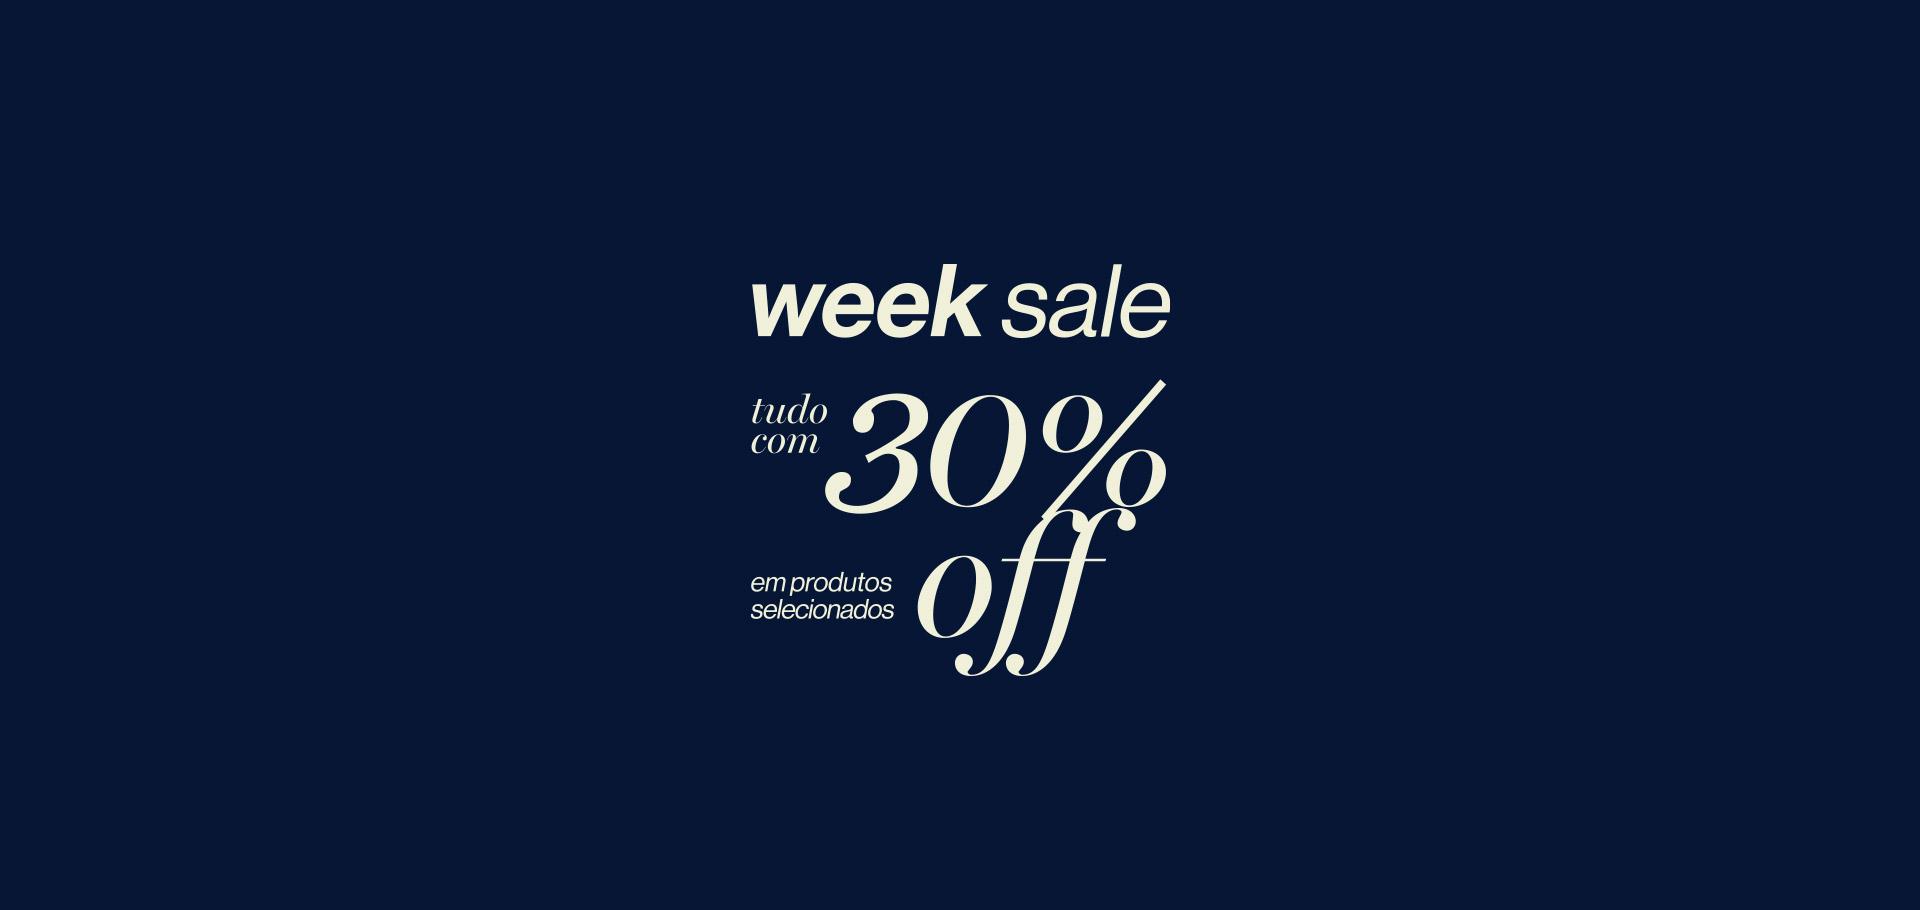 2 - Week Sale